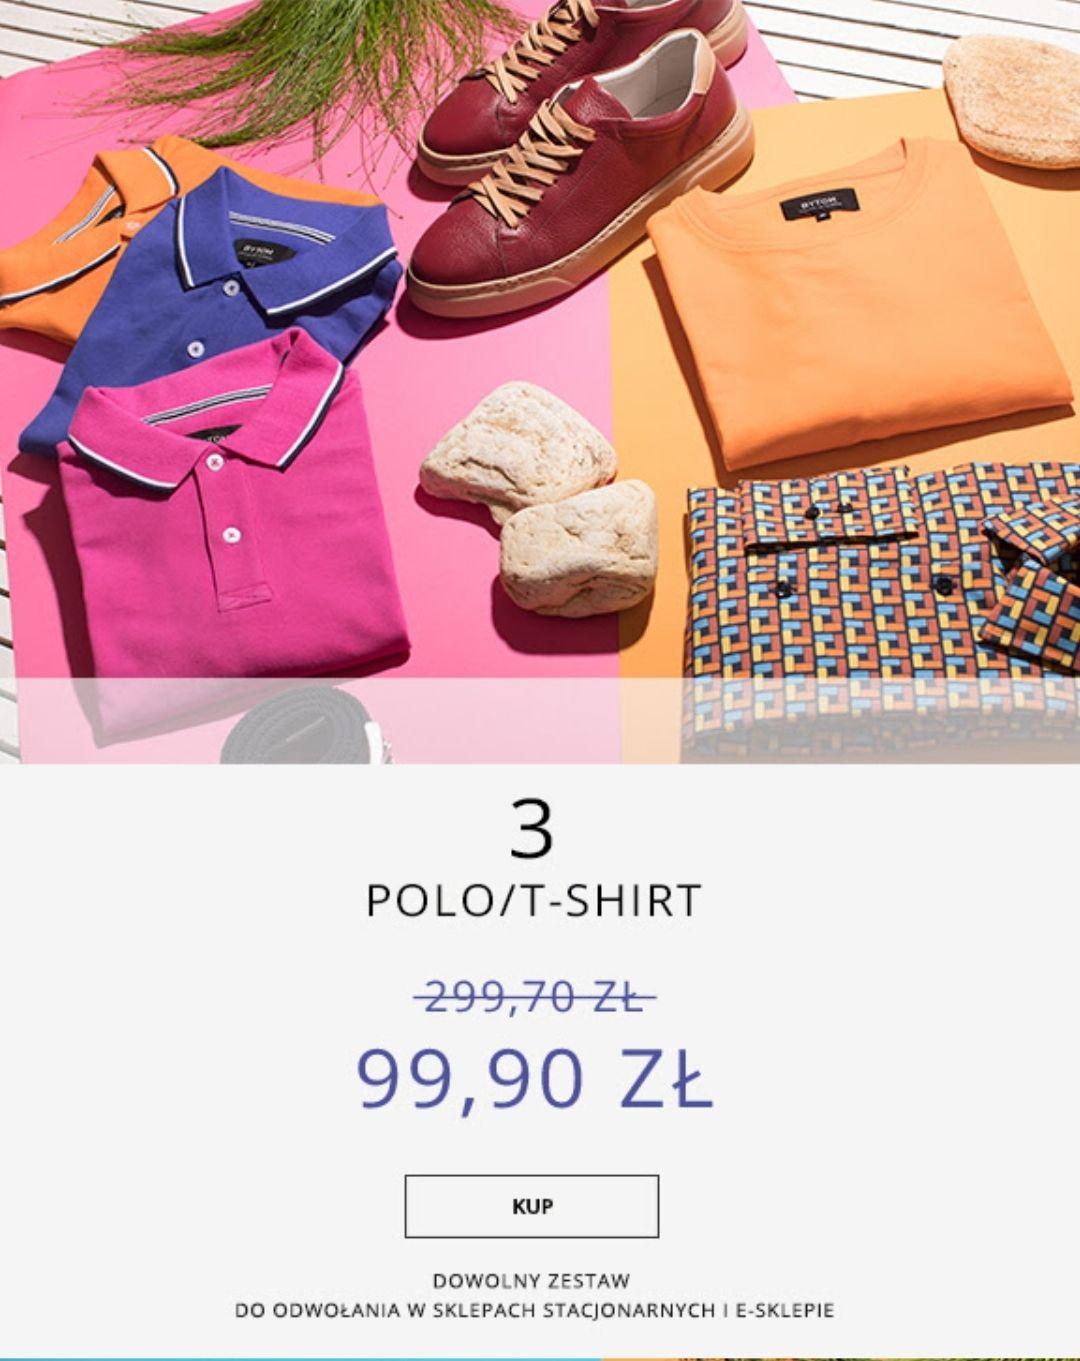 3 koszulki polo za 99,90 zł w BYTOM